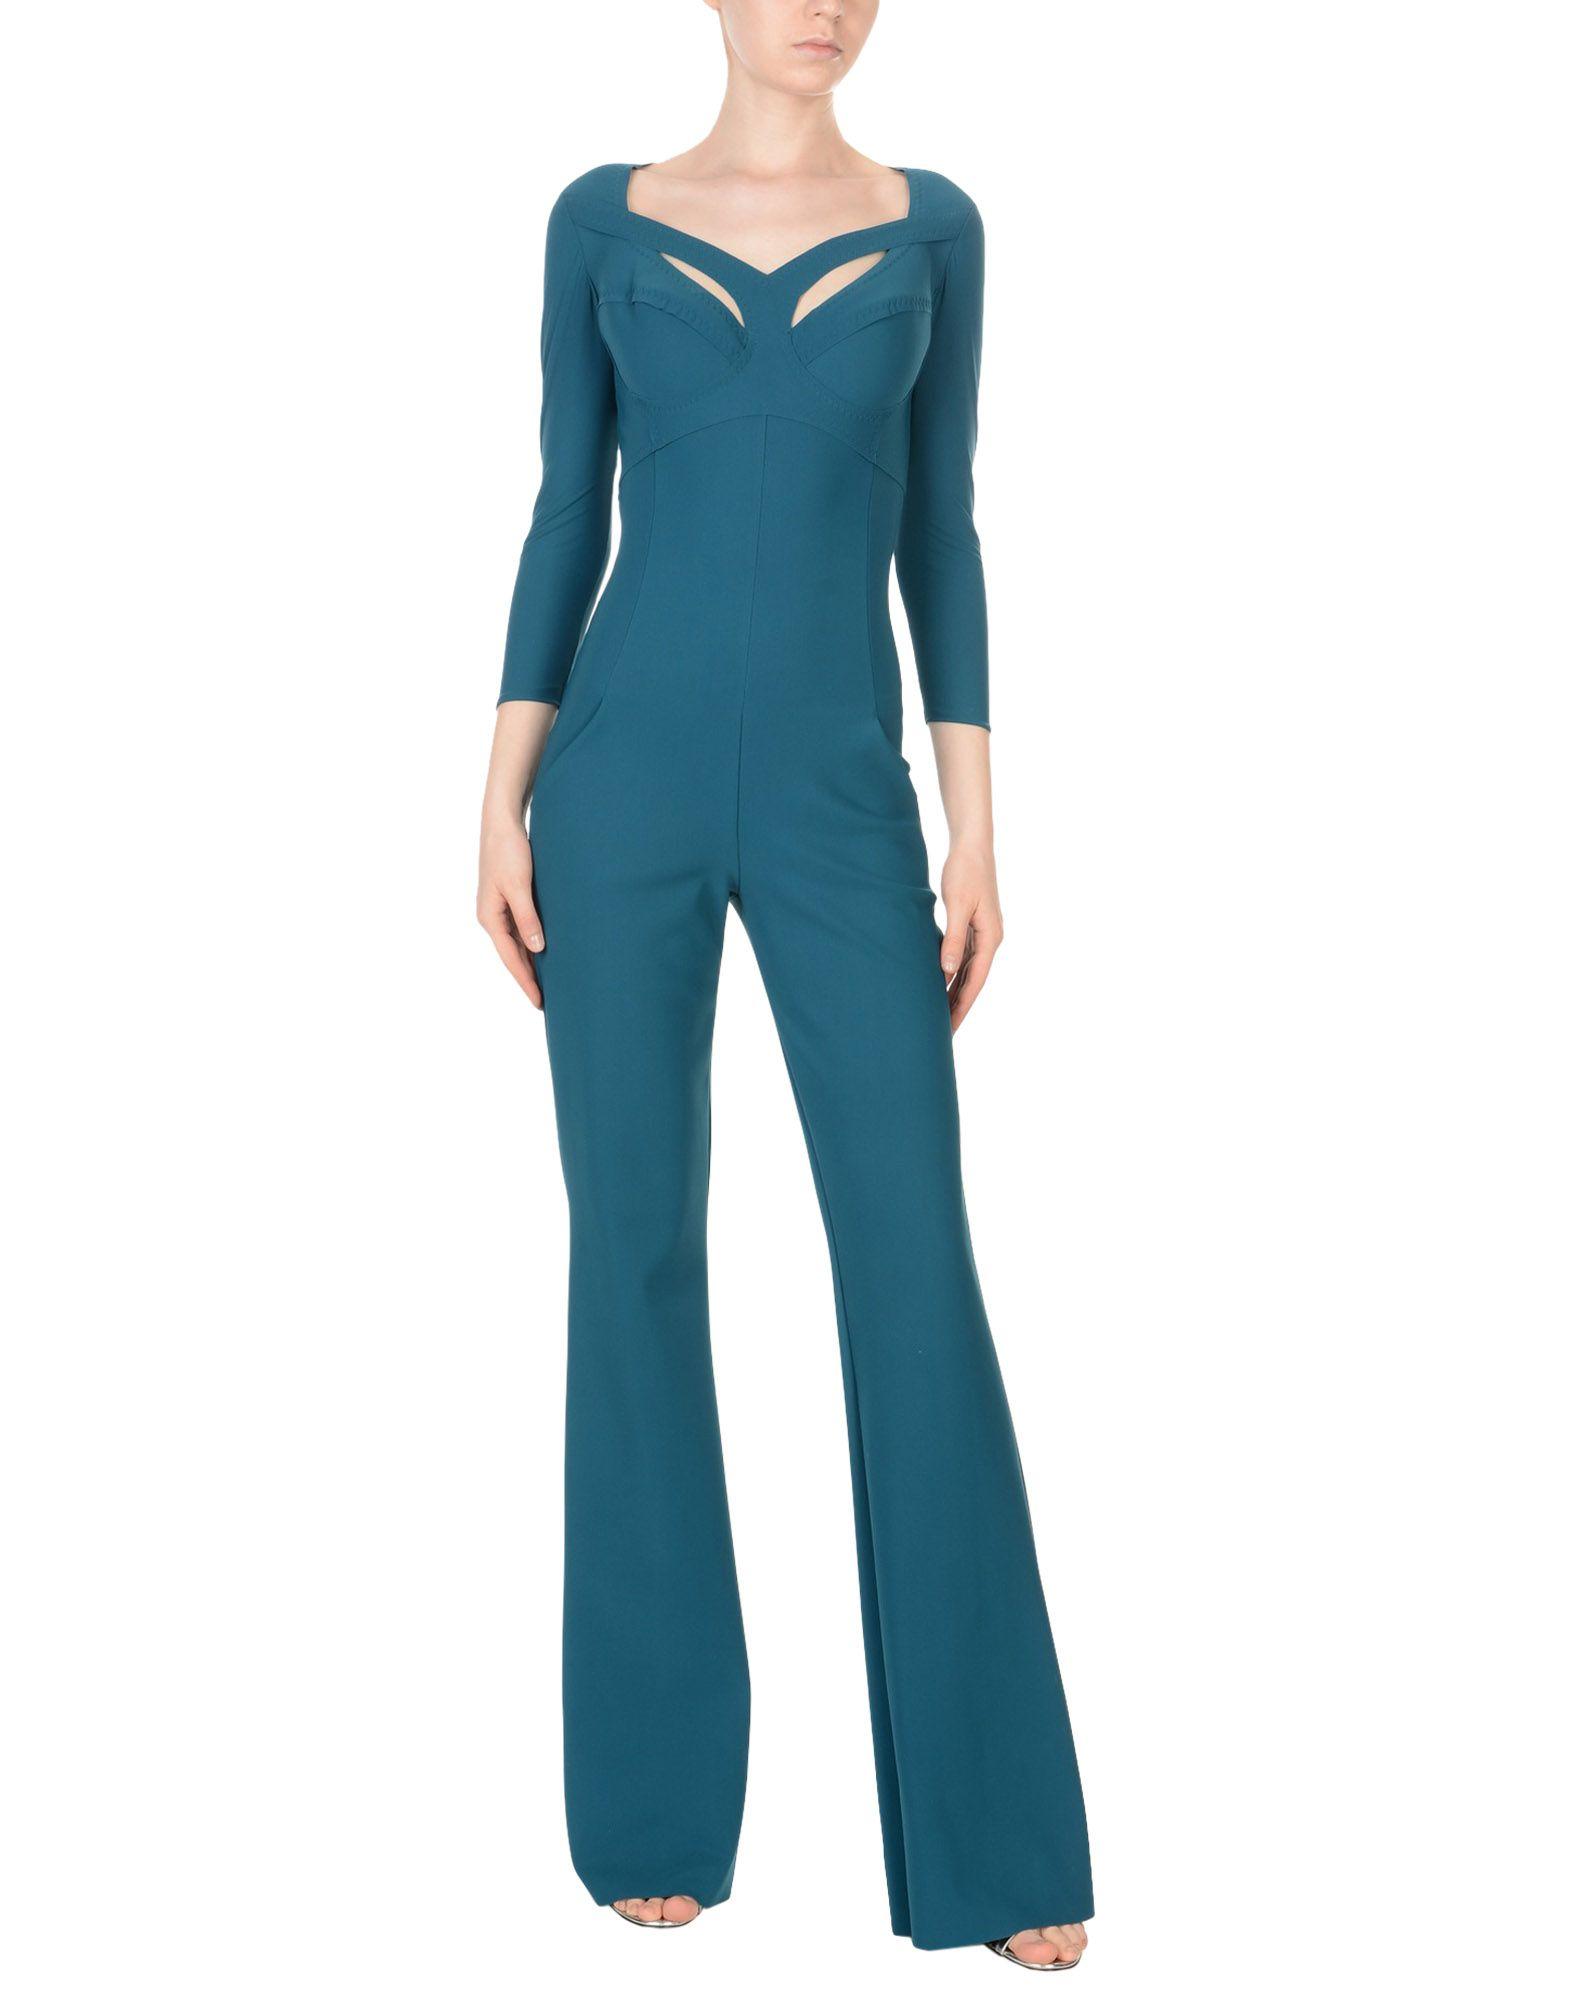 Tuta/One Piece Chiara Boni La Petite Robe Donna - Acquista online su ZGt8n